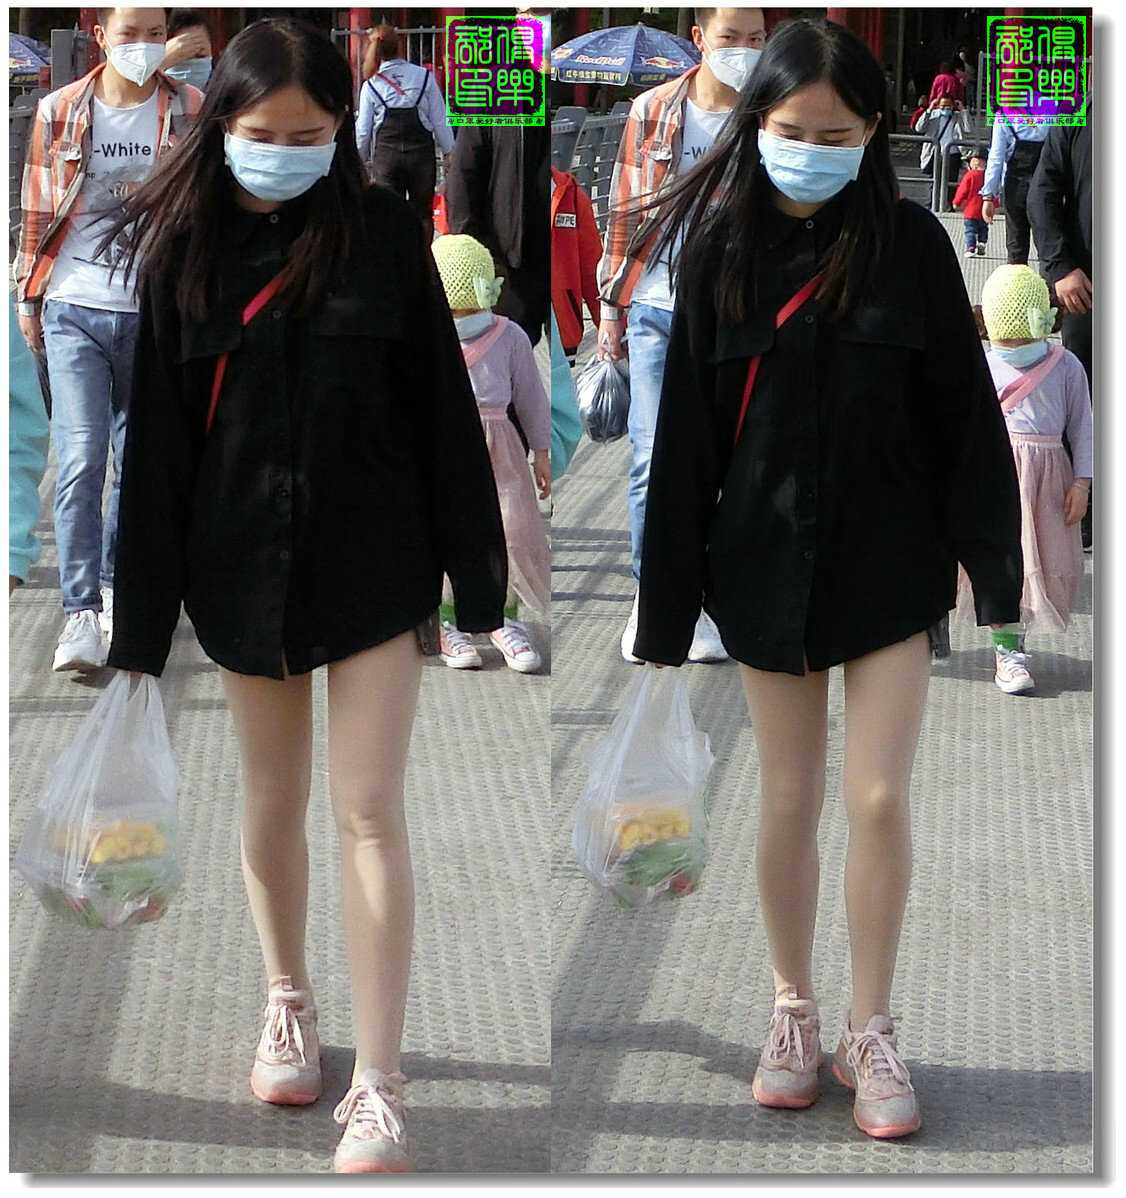 【原创】街拍-戴口罩的人们(续)2